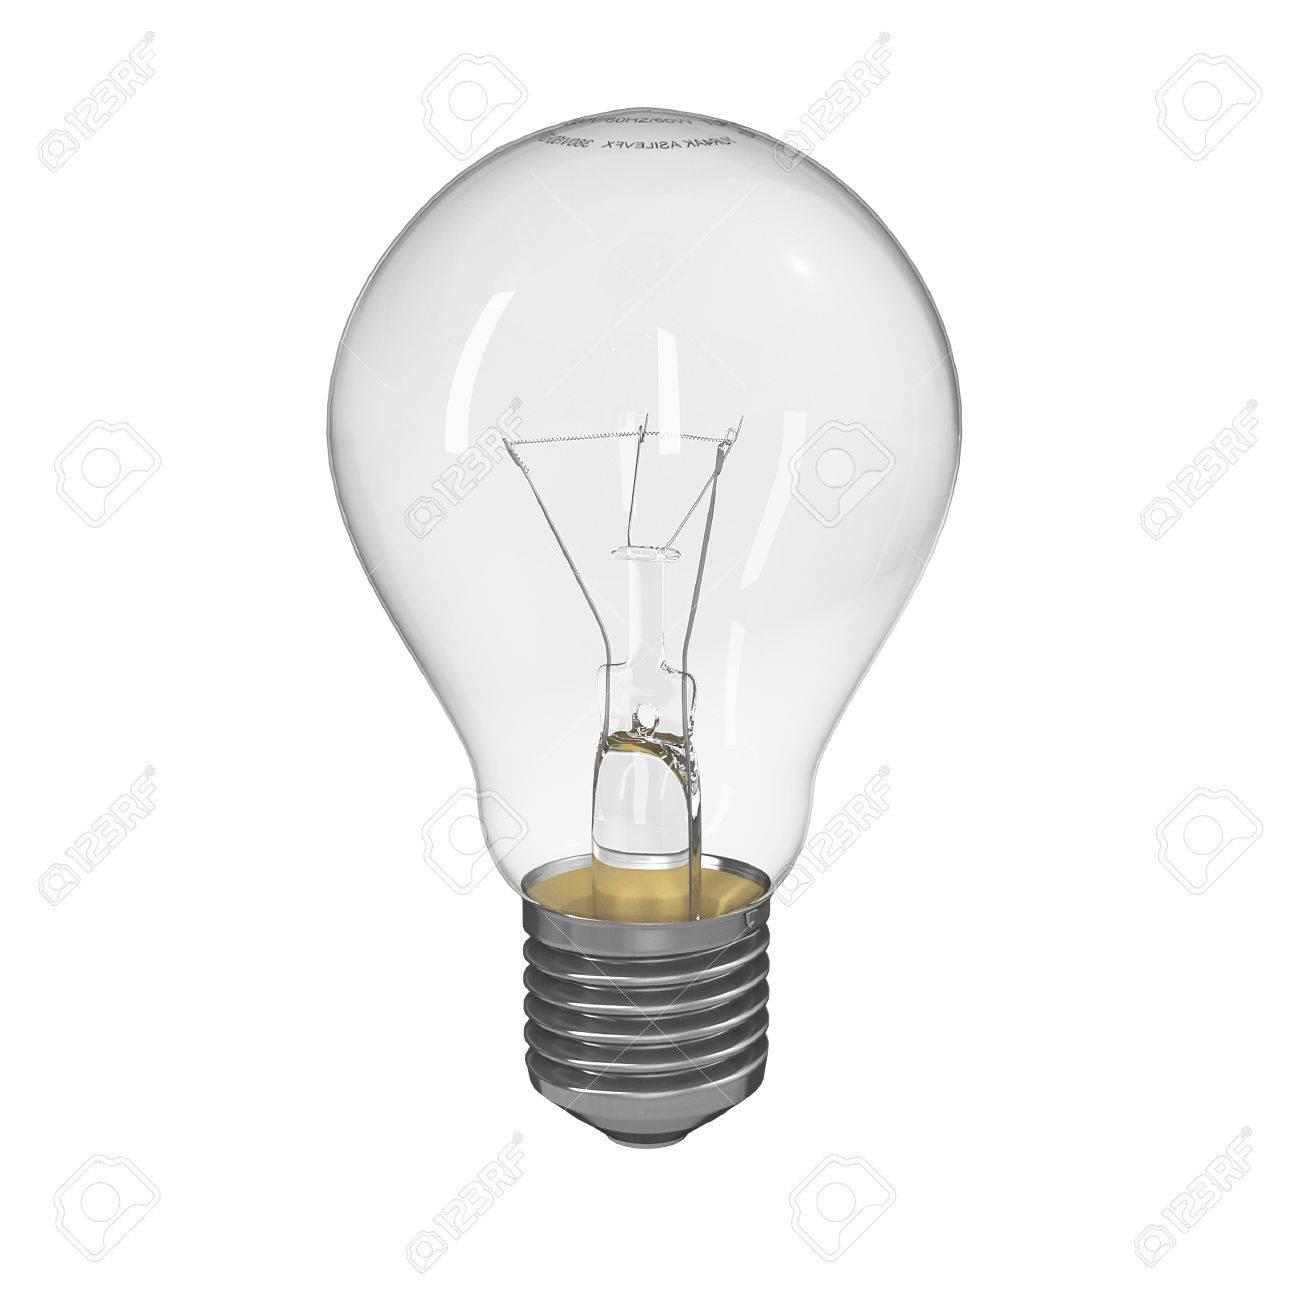 Une Ampoule A Incandescence Une Lampe A Incandescence Ou Un Globe